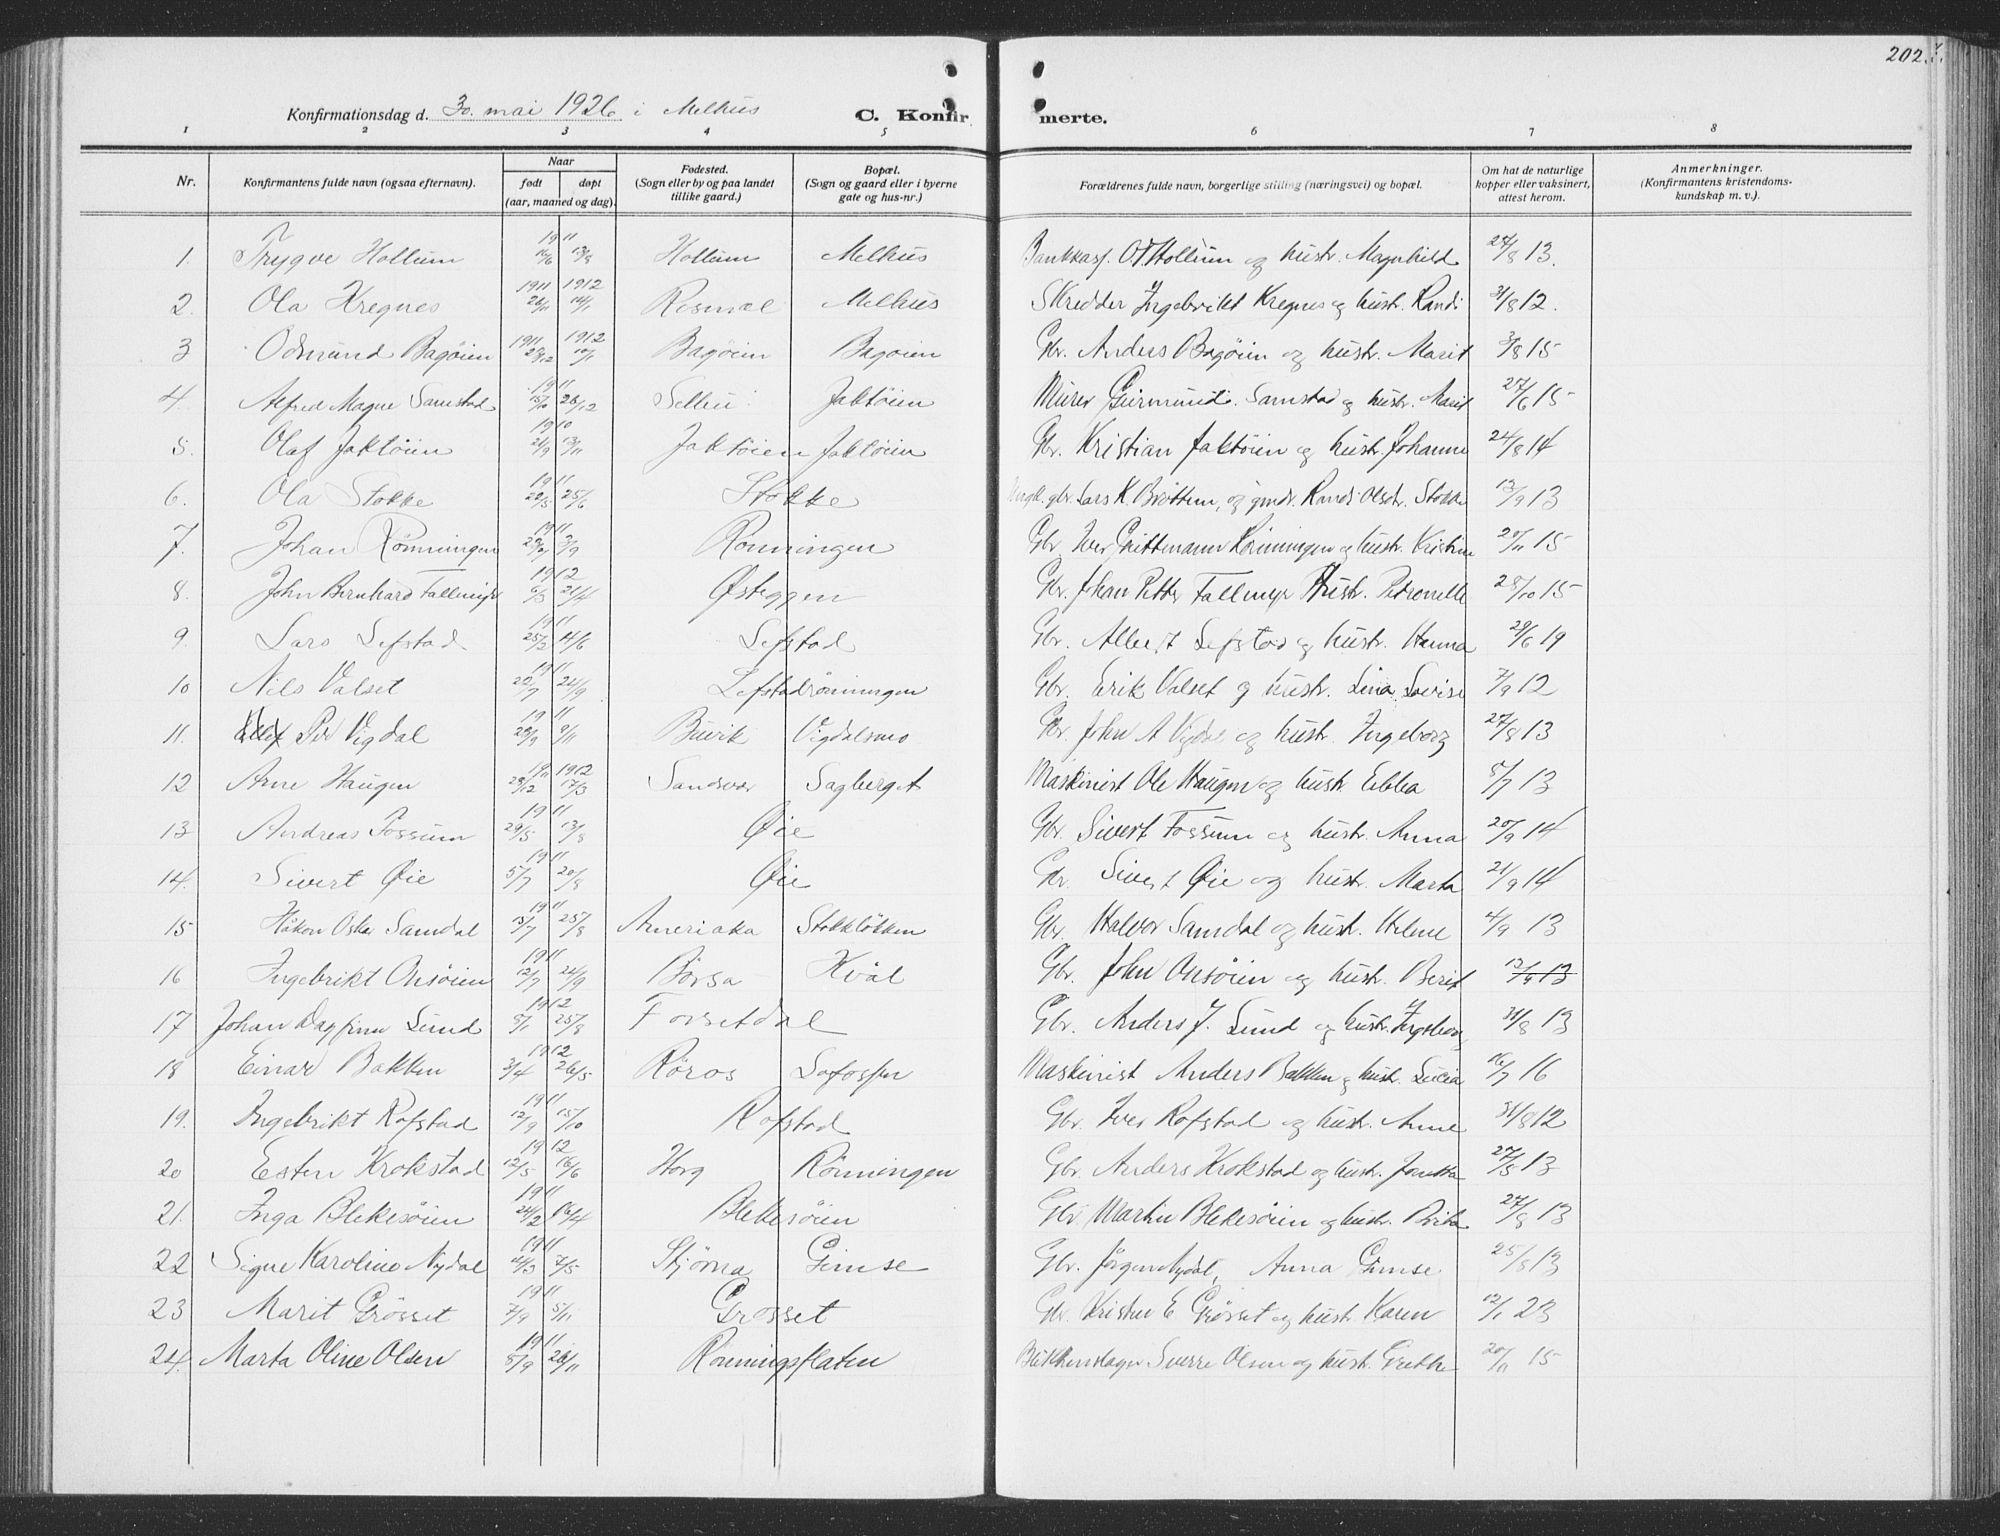 SAT, Ministerialprotokoller, klokkerbøker og fødselsregistre - Sør-Trøndelag, 691/L1095: Klokkerbok nr. 691C06, 1912-1933, s. 202